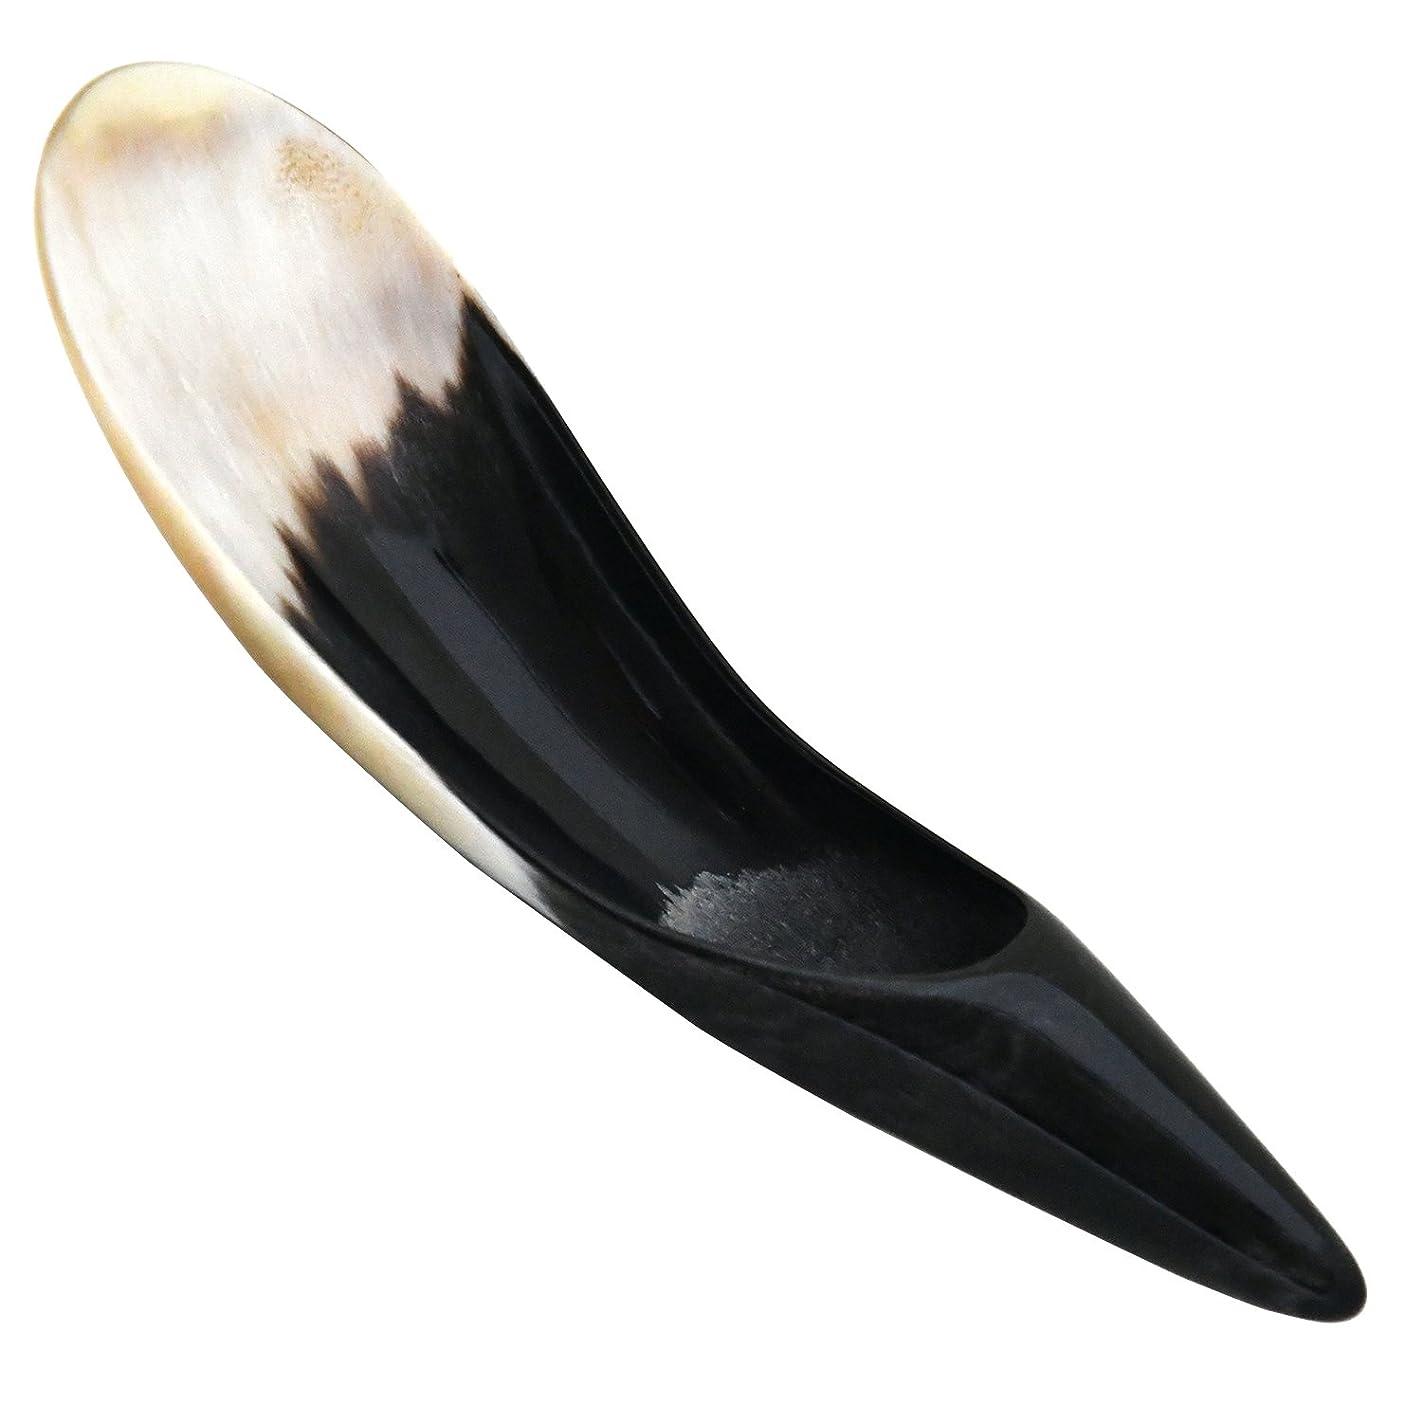 ニンニクオリエント放牧するNameraかっさ 牛角かっさプレート 円錐型